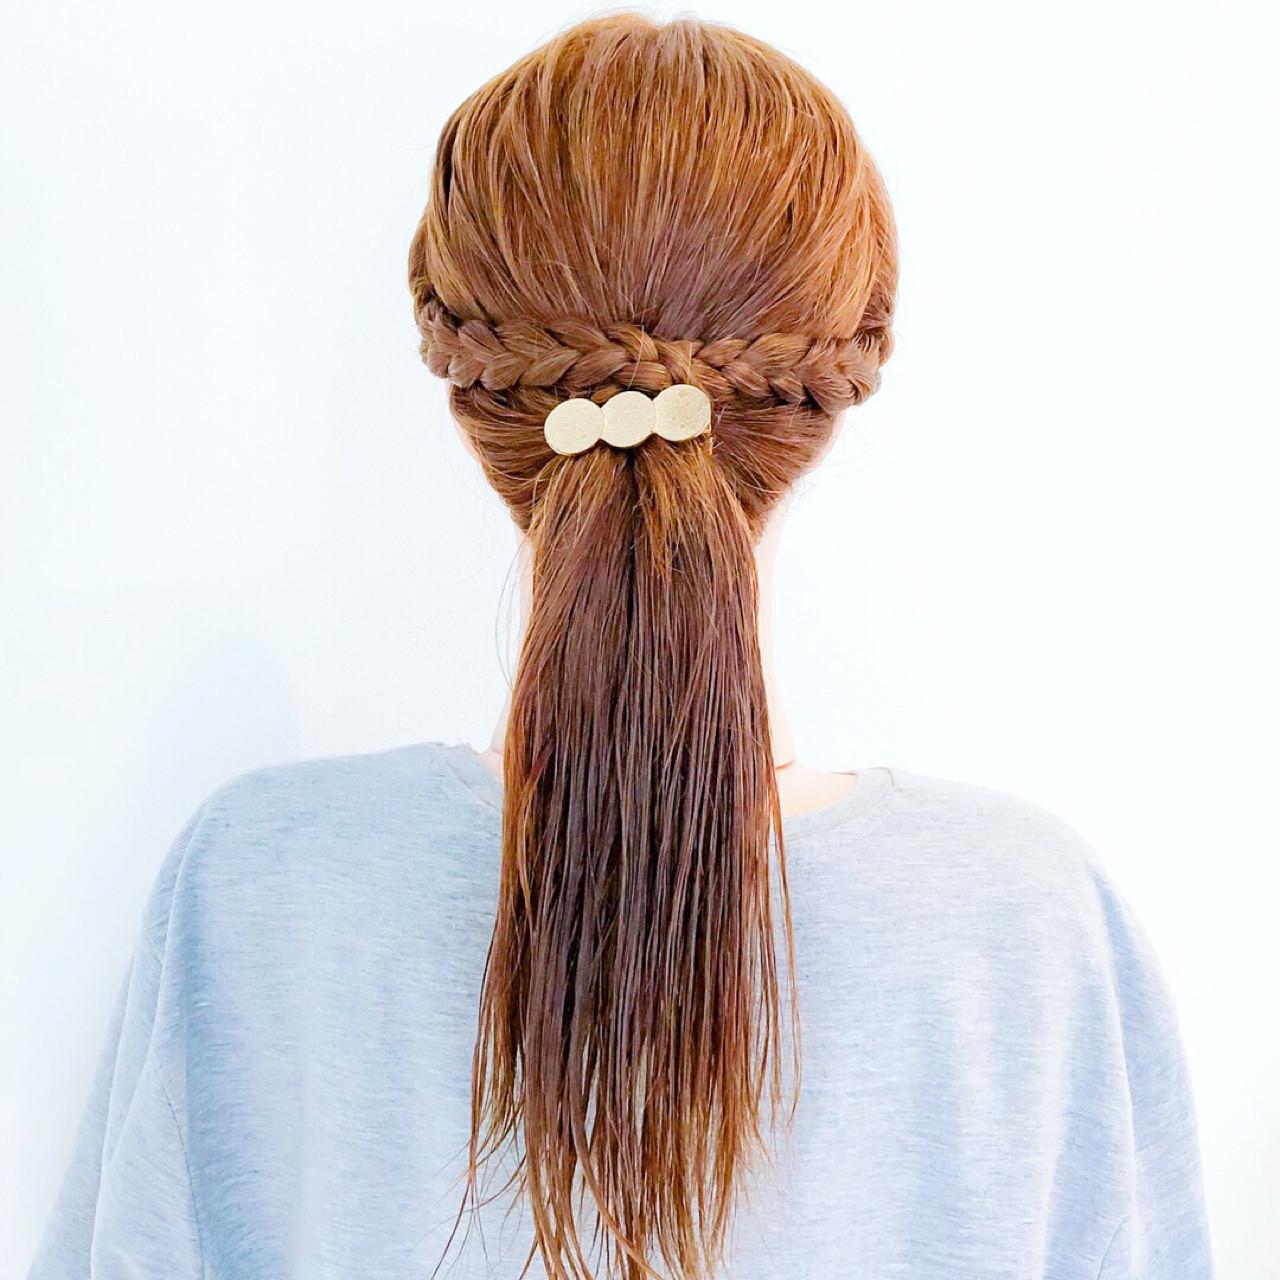 涼しげ 夏 ポニーテール オフィス ヘアスタイルや髪型の写真・画像